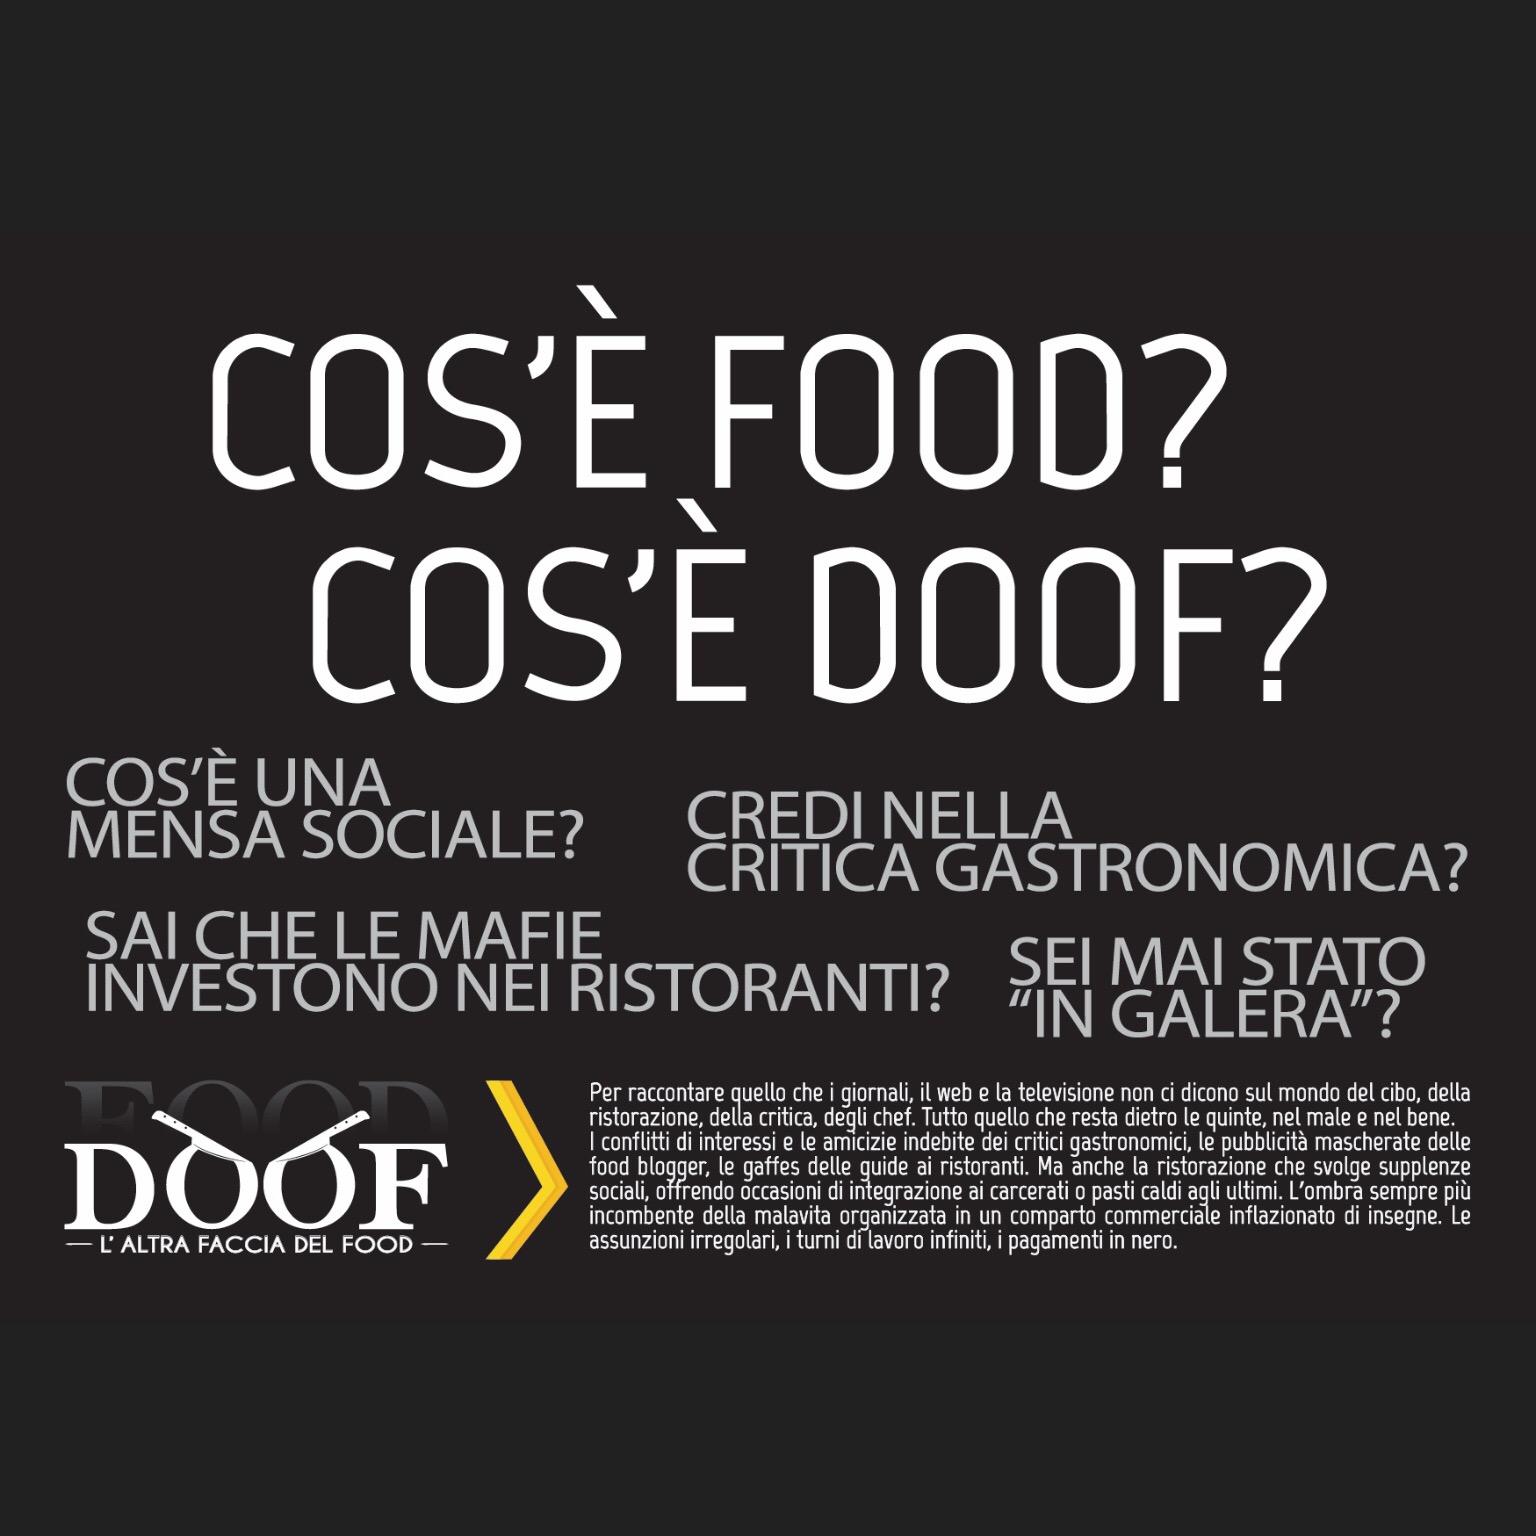 DOOF una giornata a Milano per conoscere l'altra faccia del food